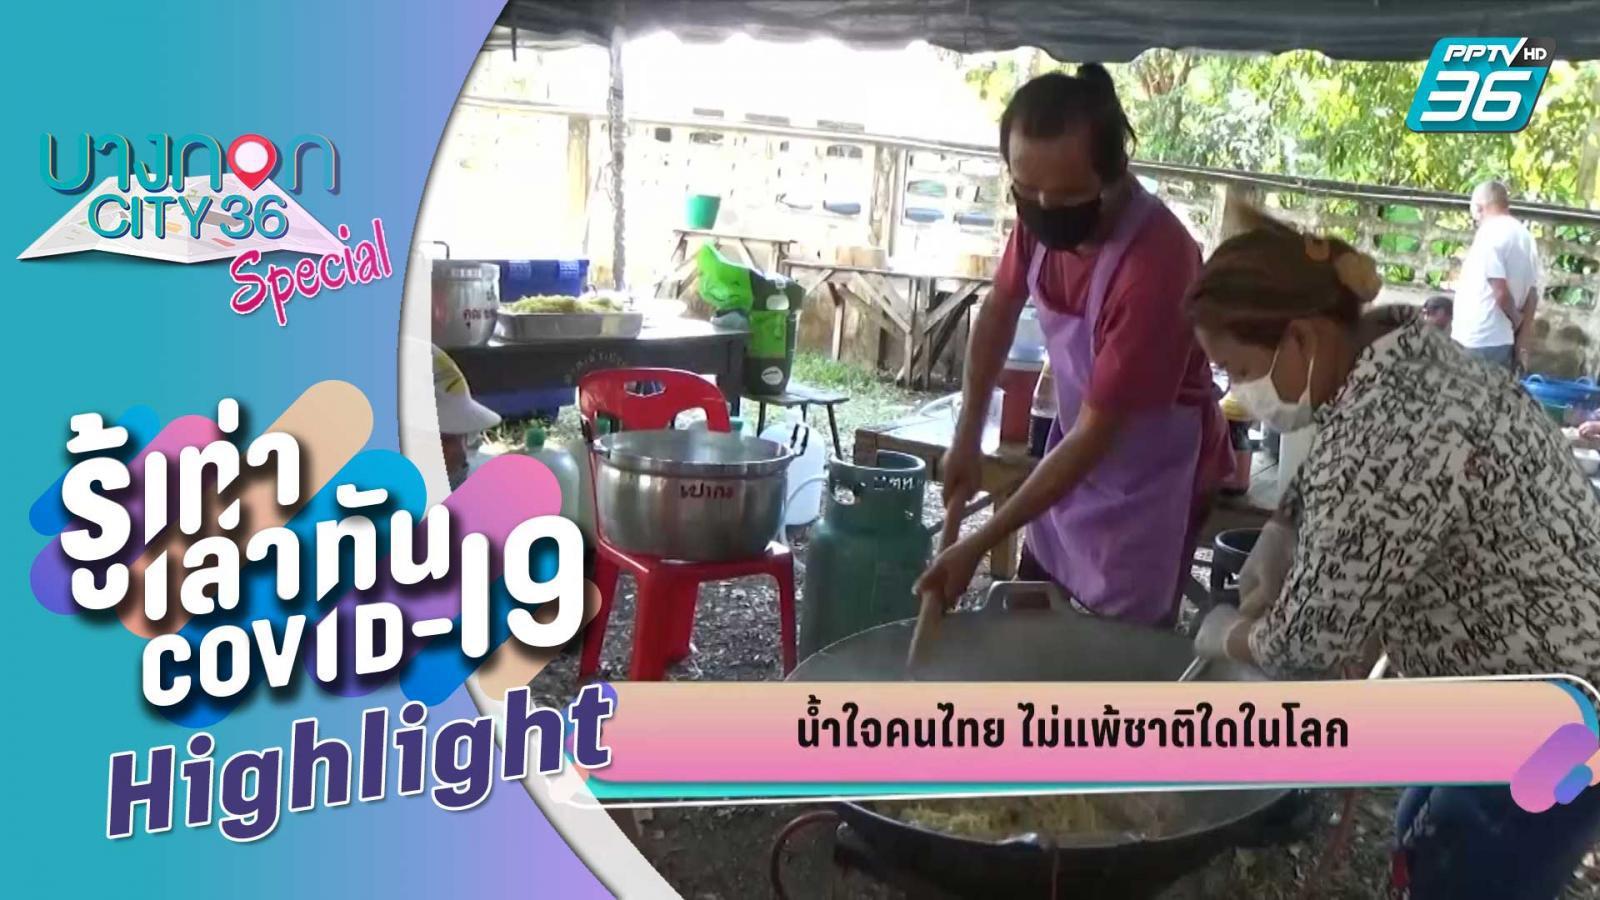 วิกฤติโควิด-19 น้ำใจคนไทยไม่แพ้ชาติใดในโลก